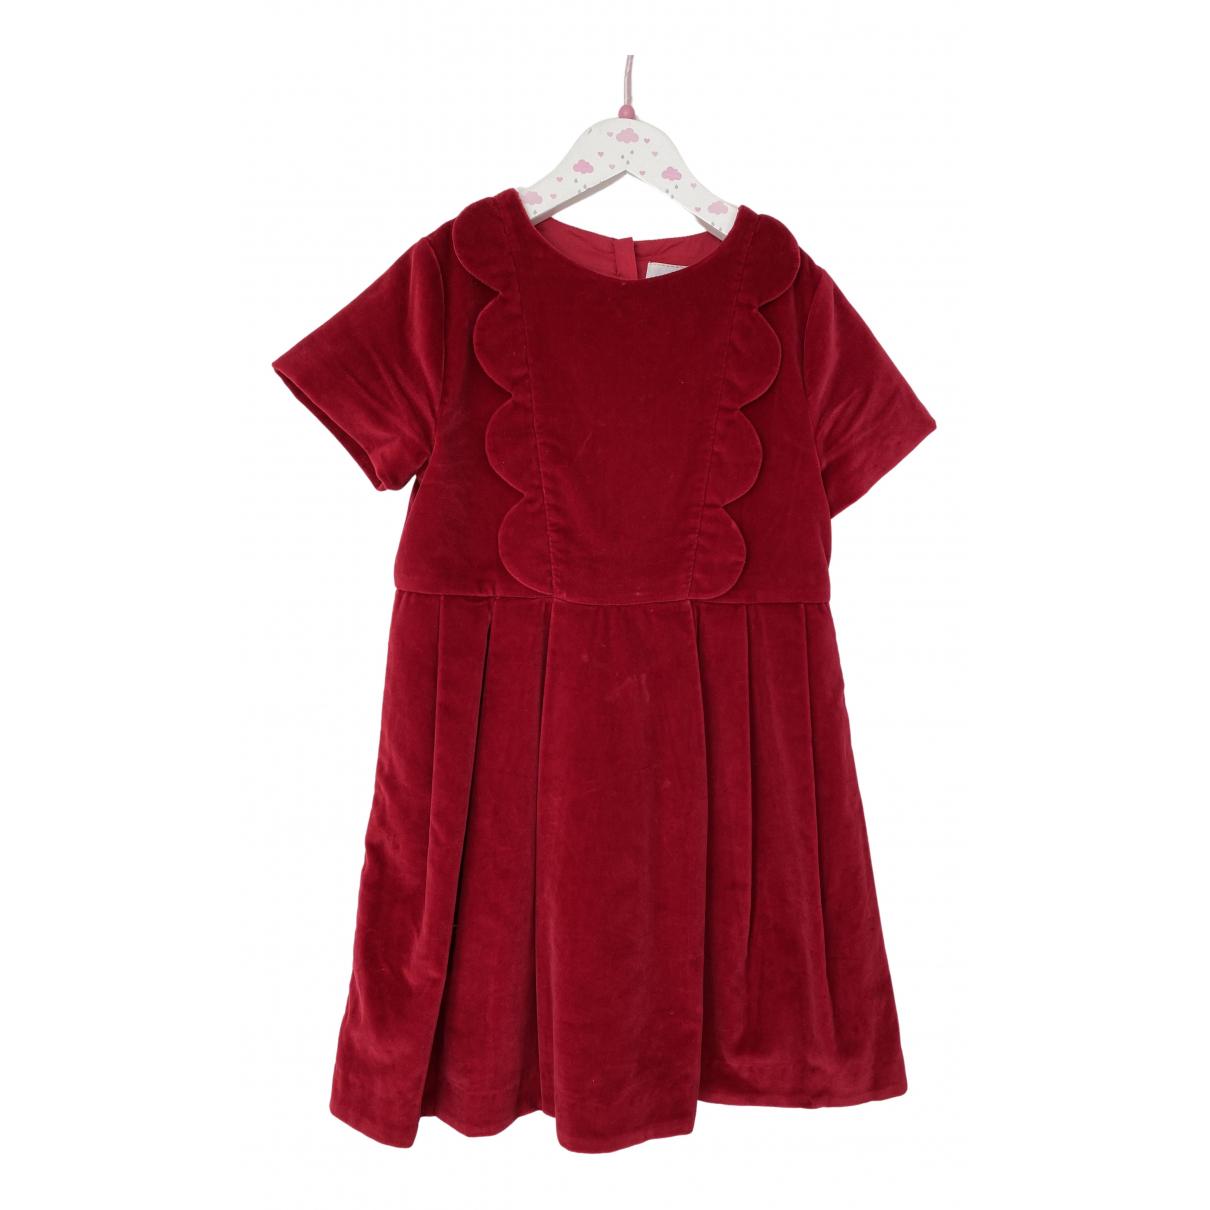 Jacadi N Red Velvet dress for Kids 8 years - up to 128cm FR